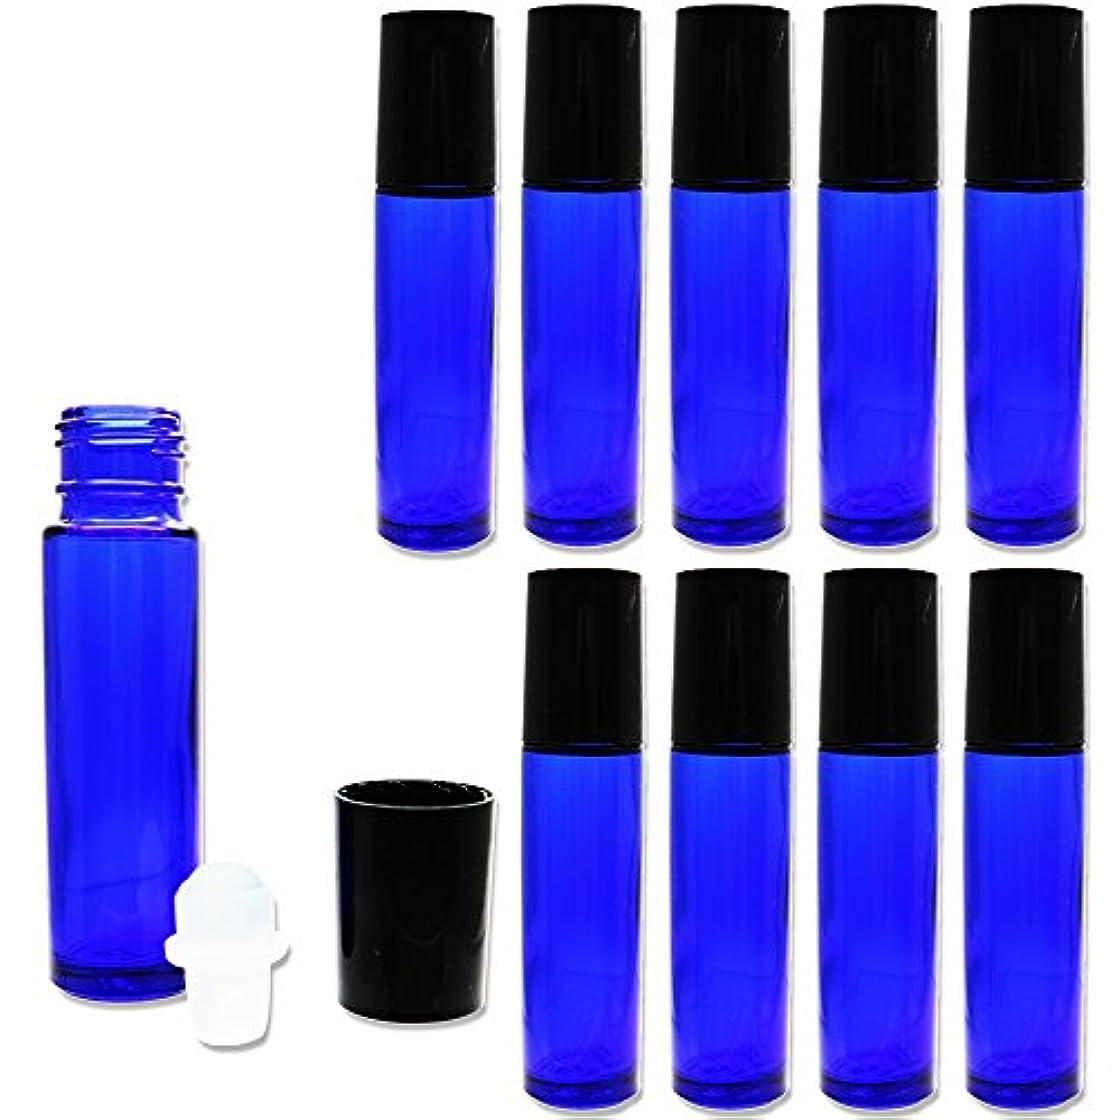 びっくりした動詞キャンベラSolid Value ロールオンボトル アロマオイル ガラスロール 詰め替え 遮光瓶 (10ml 10本セット)